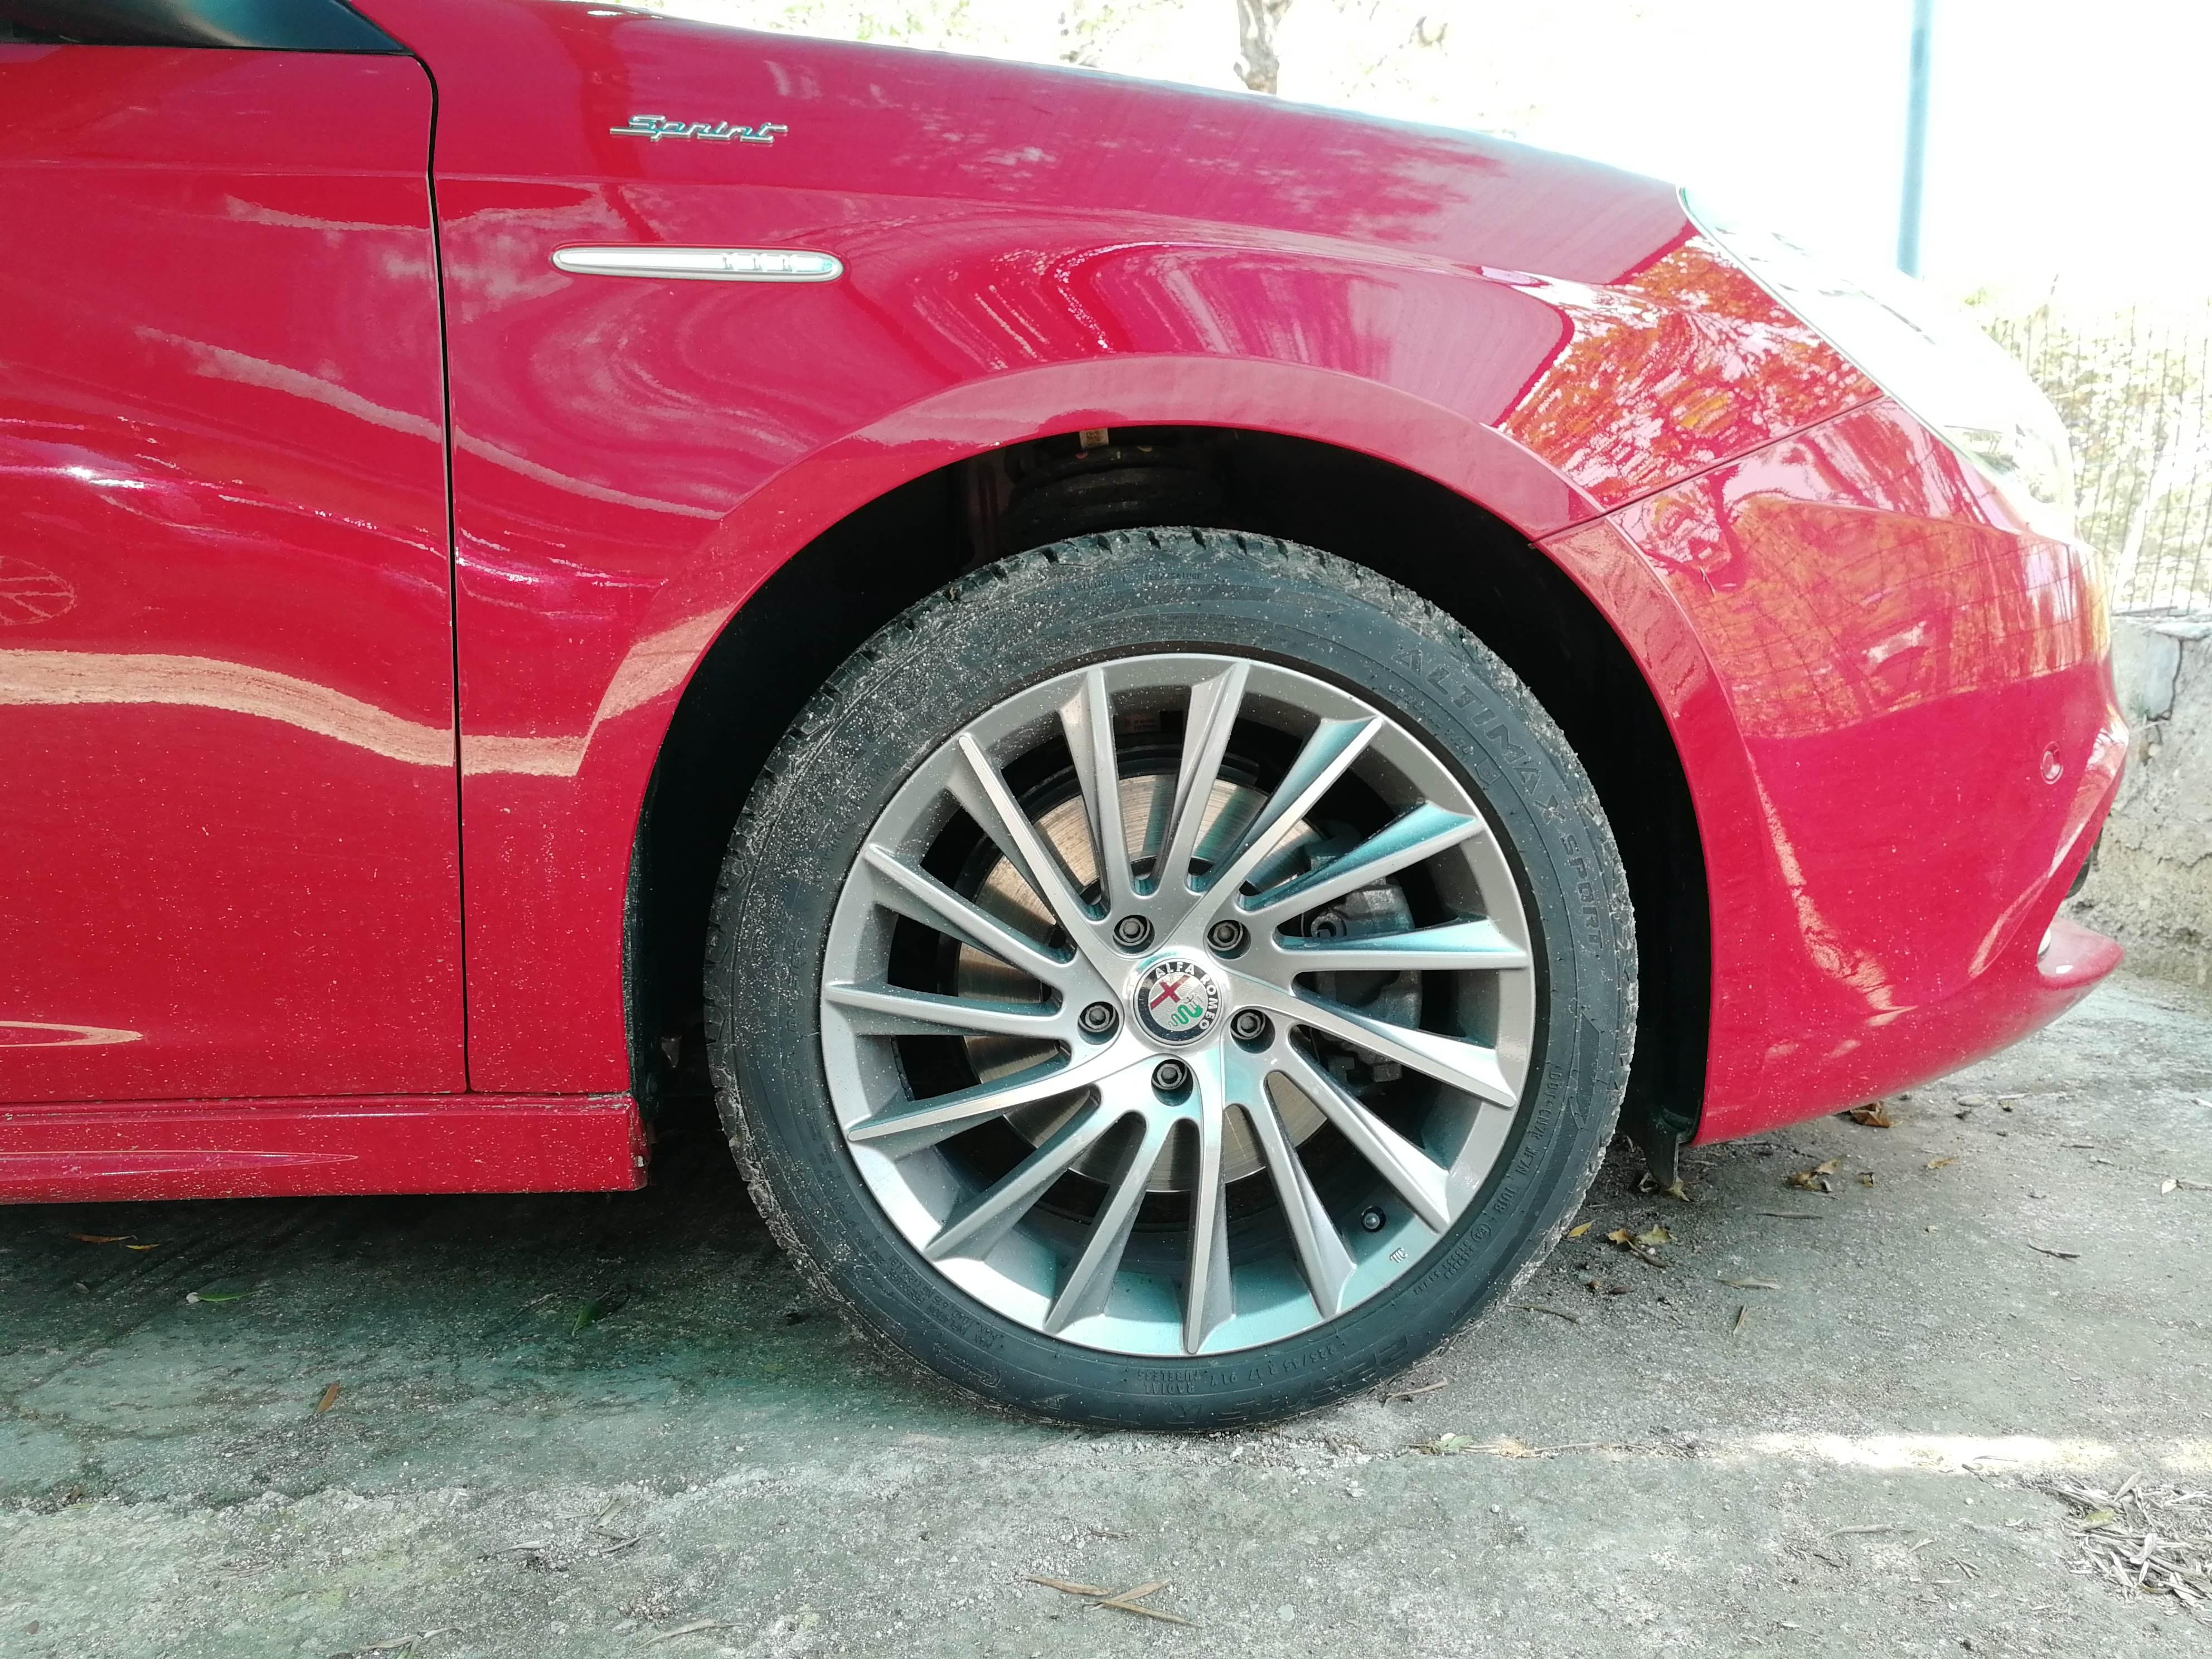 foto Alfa Giulietta - Cerchi turbina replica - 3